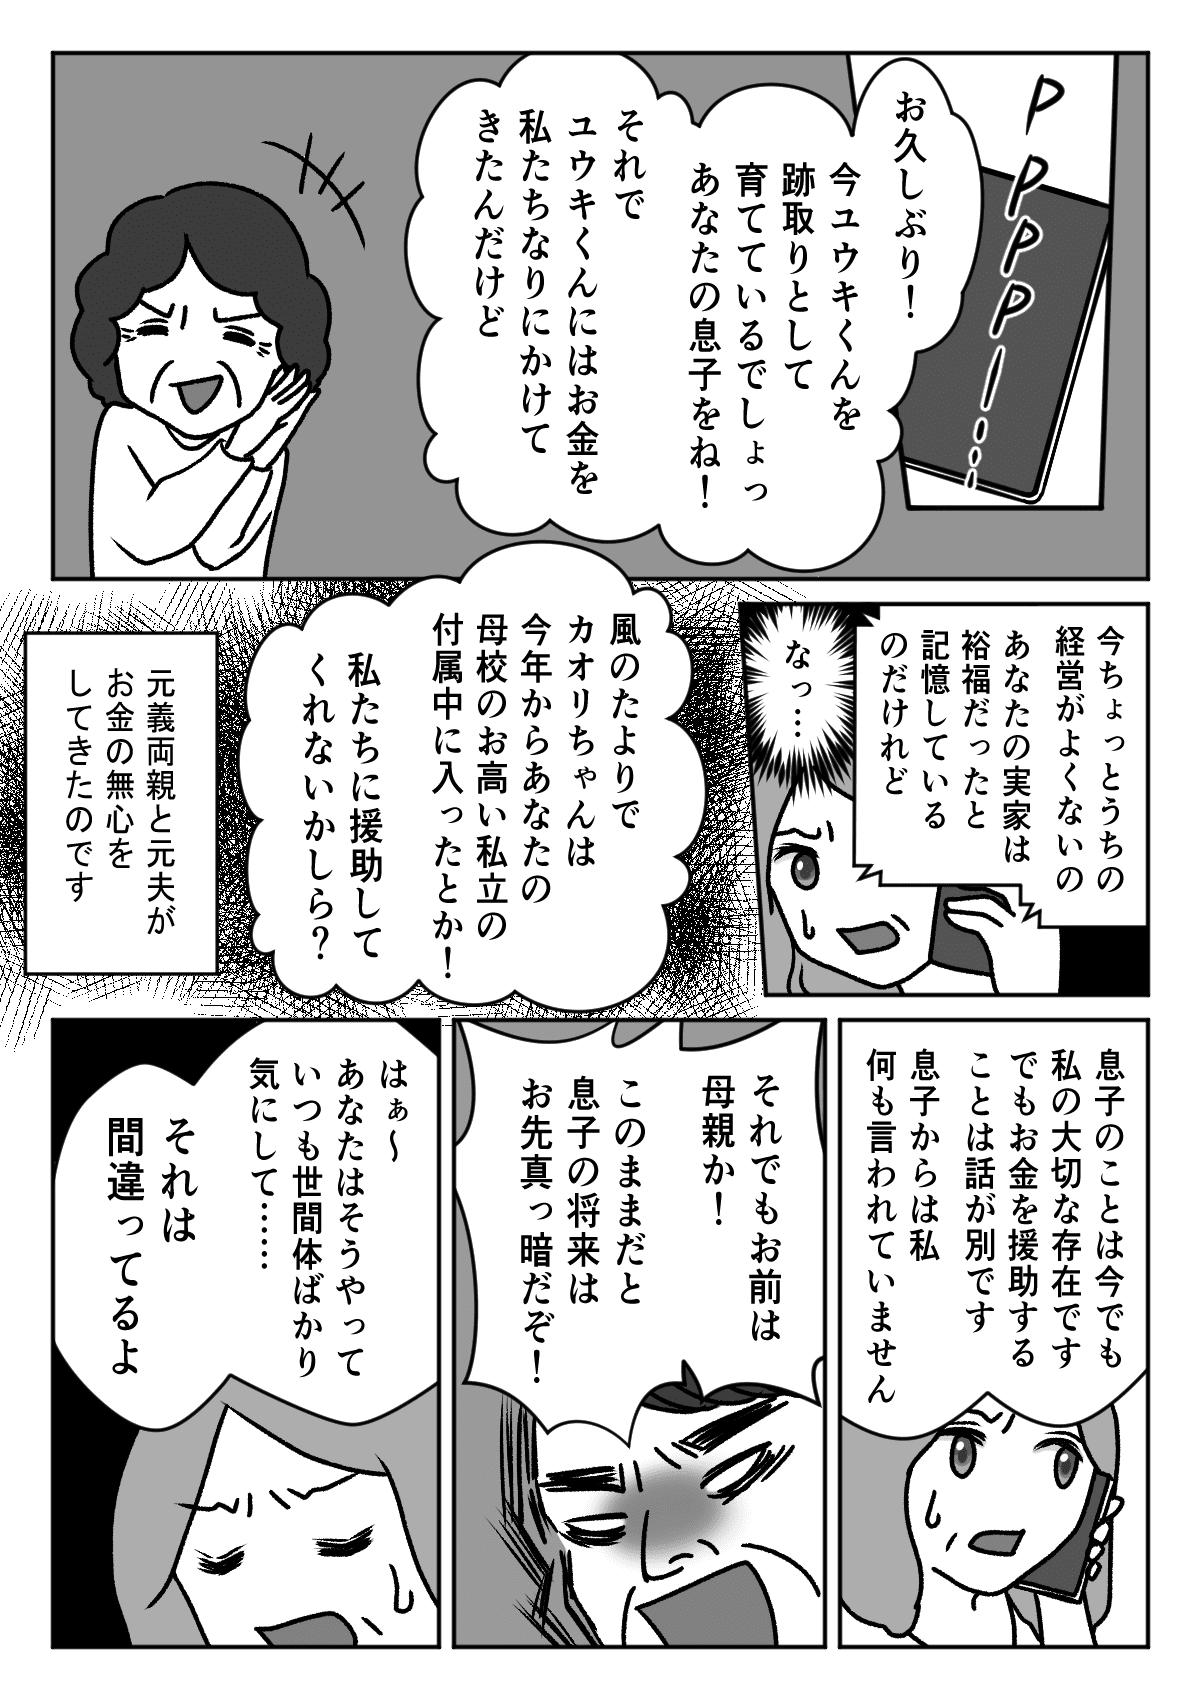 イラスト2 (1)